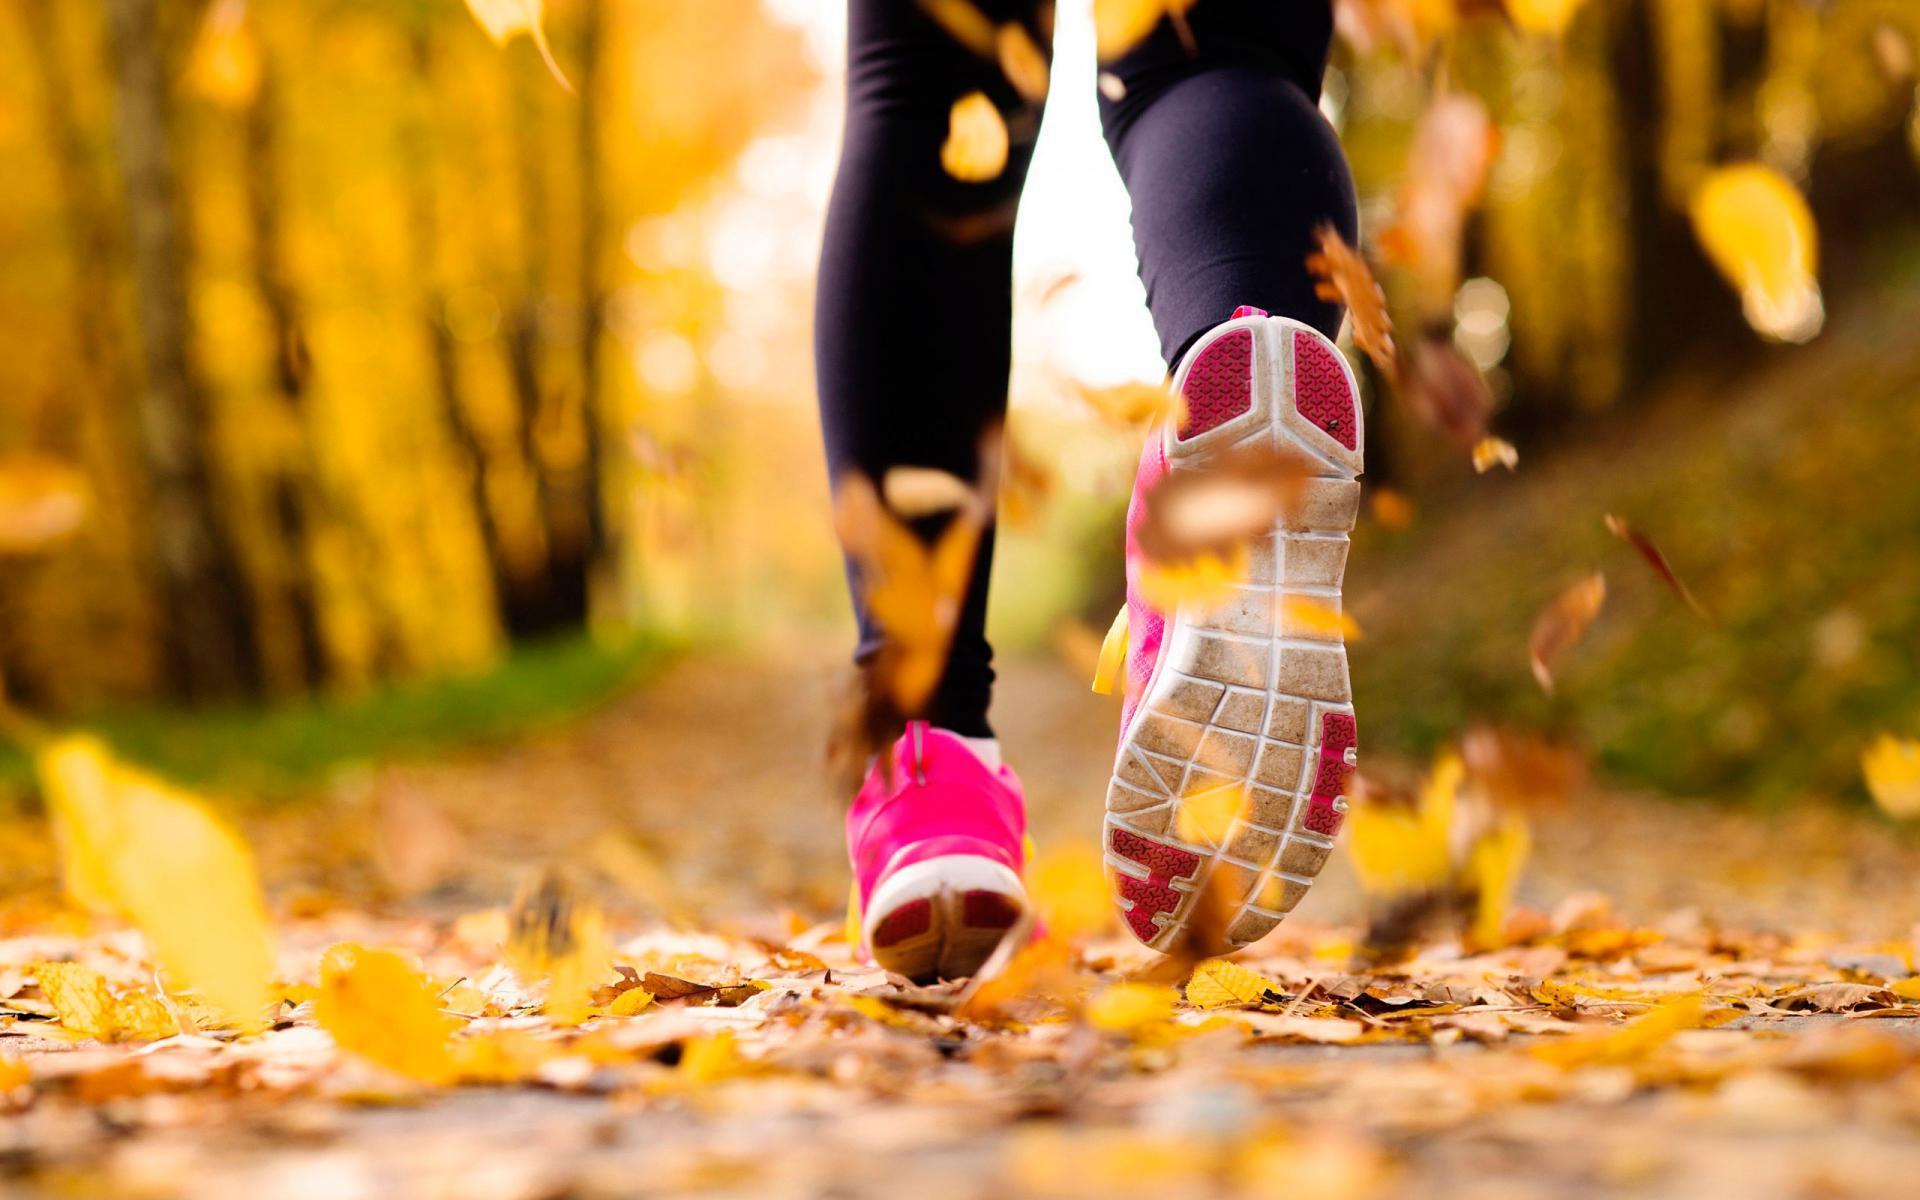 преимущества утренней и вечерней тренировки